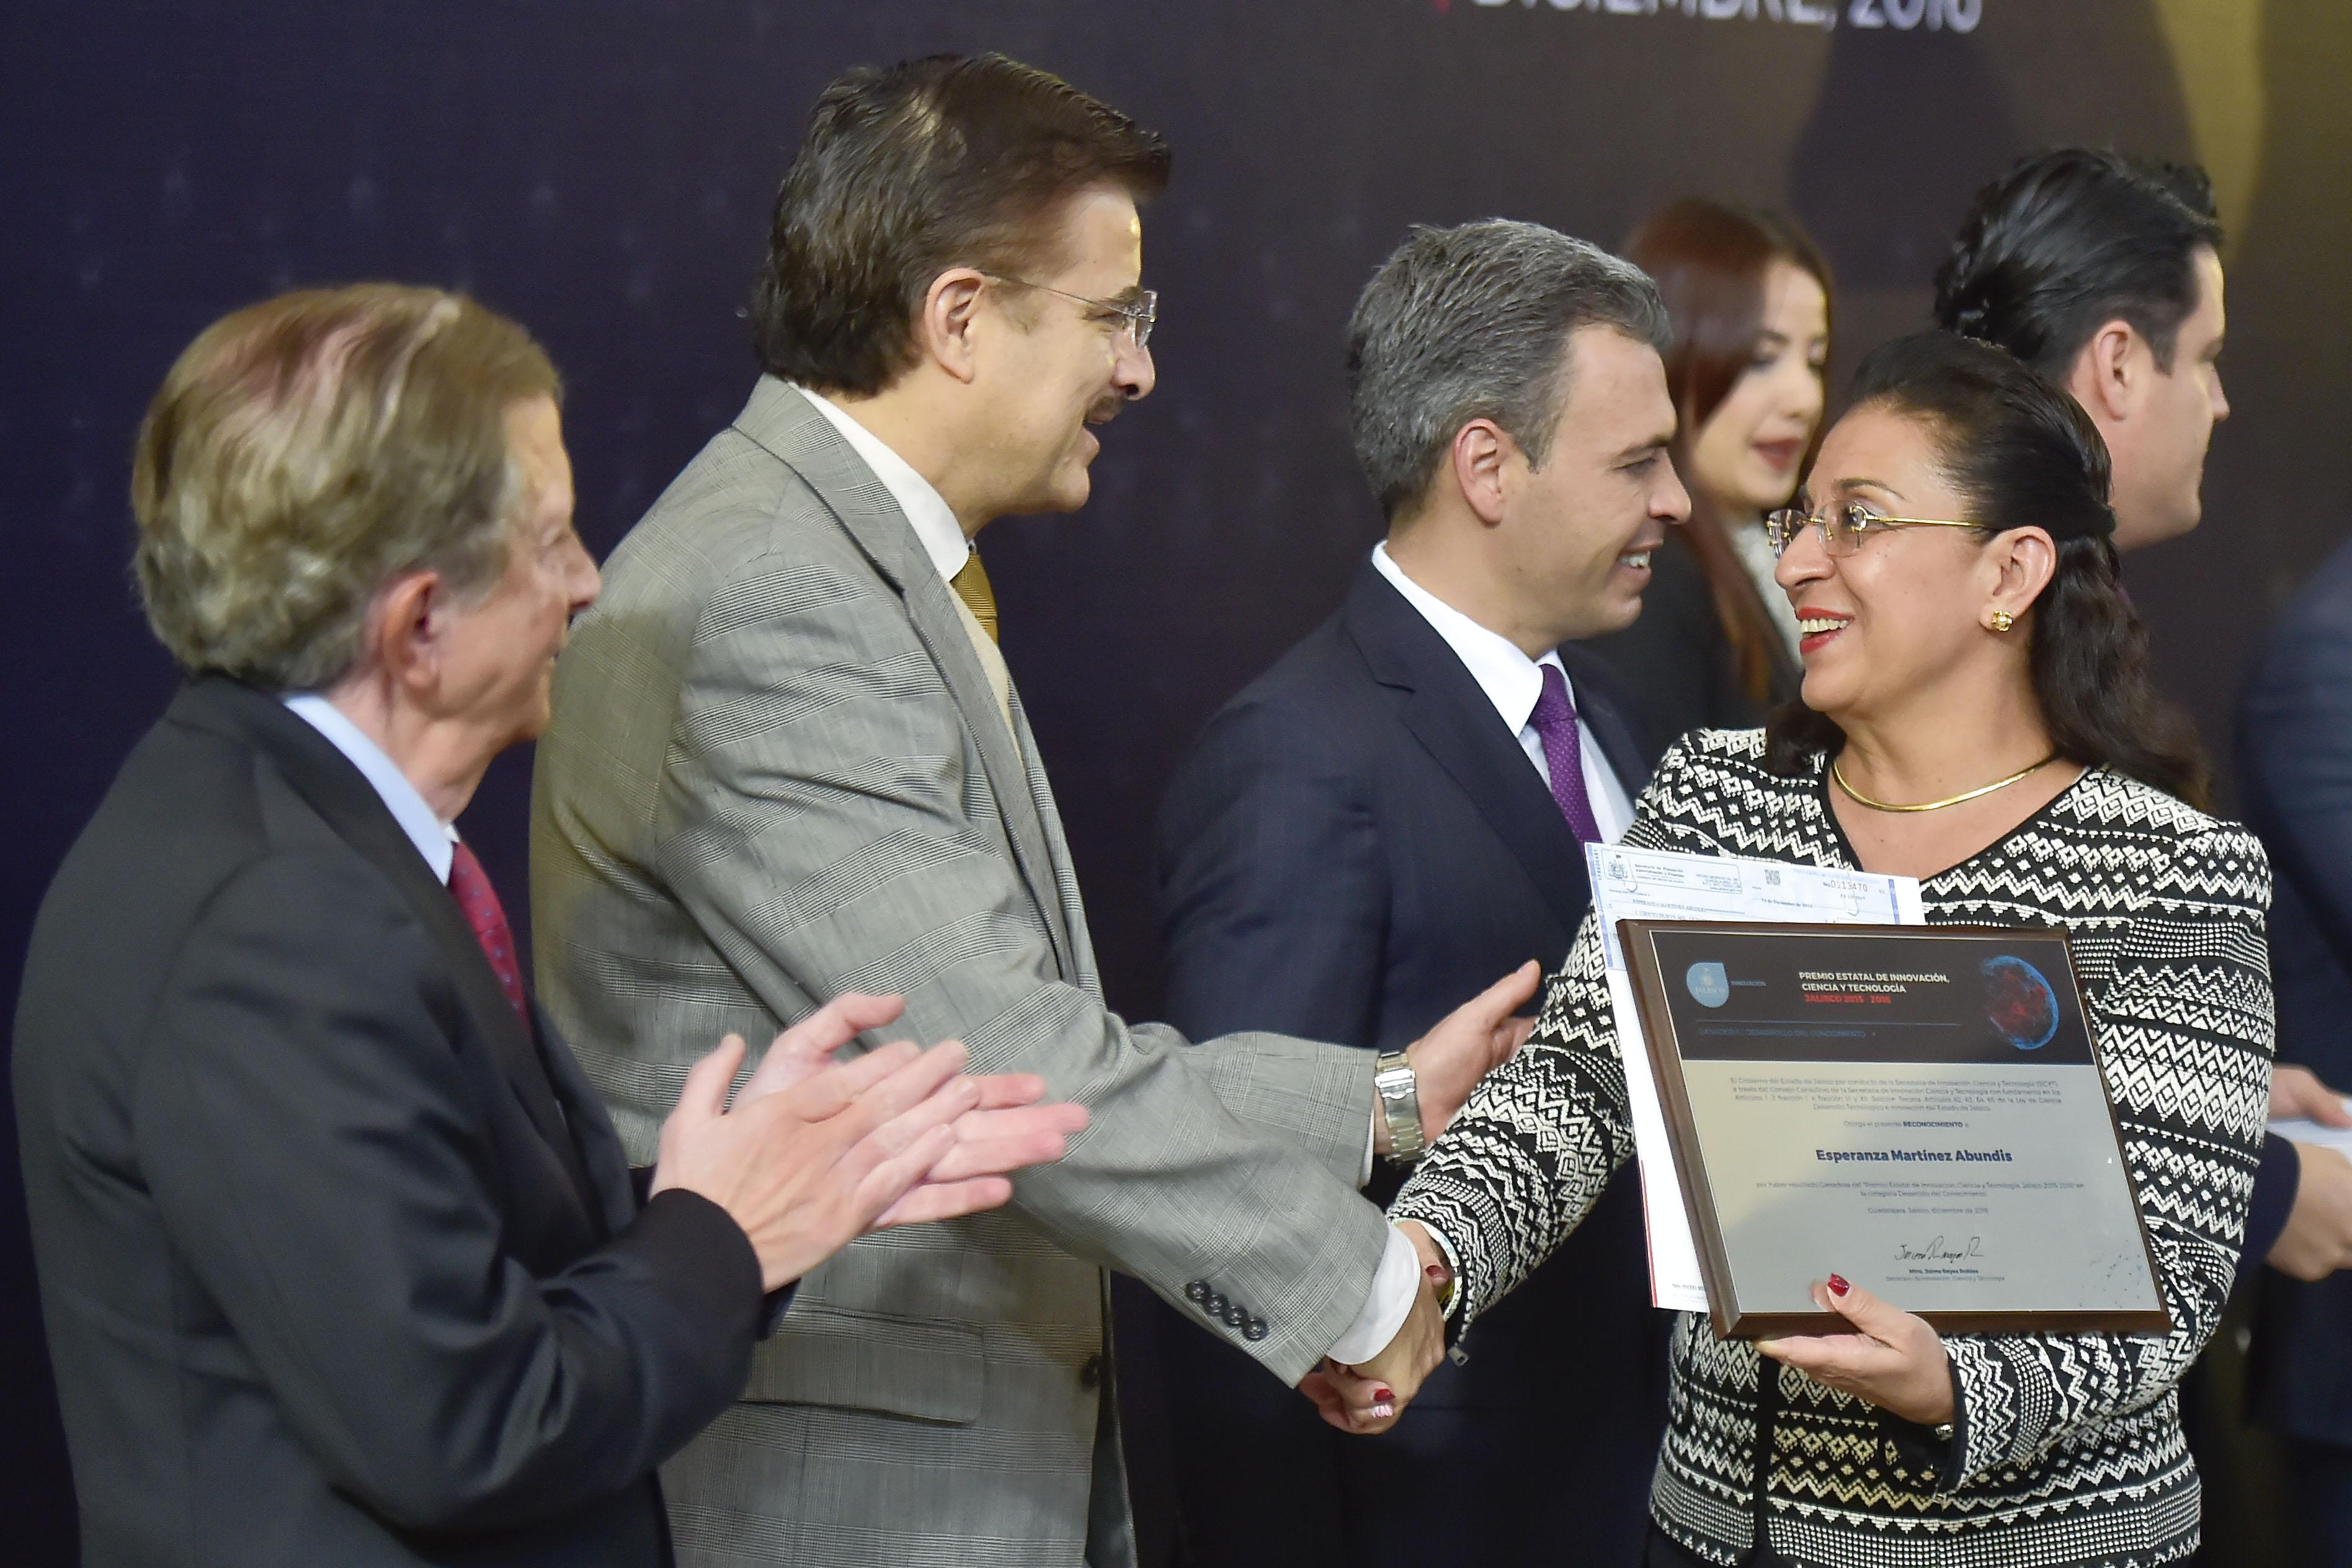 Esperanza Martínez recibiendo reconocimiento del Rector General